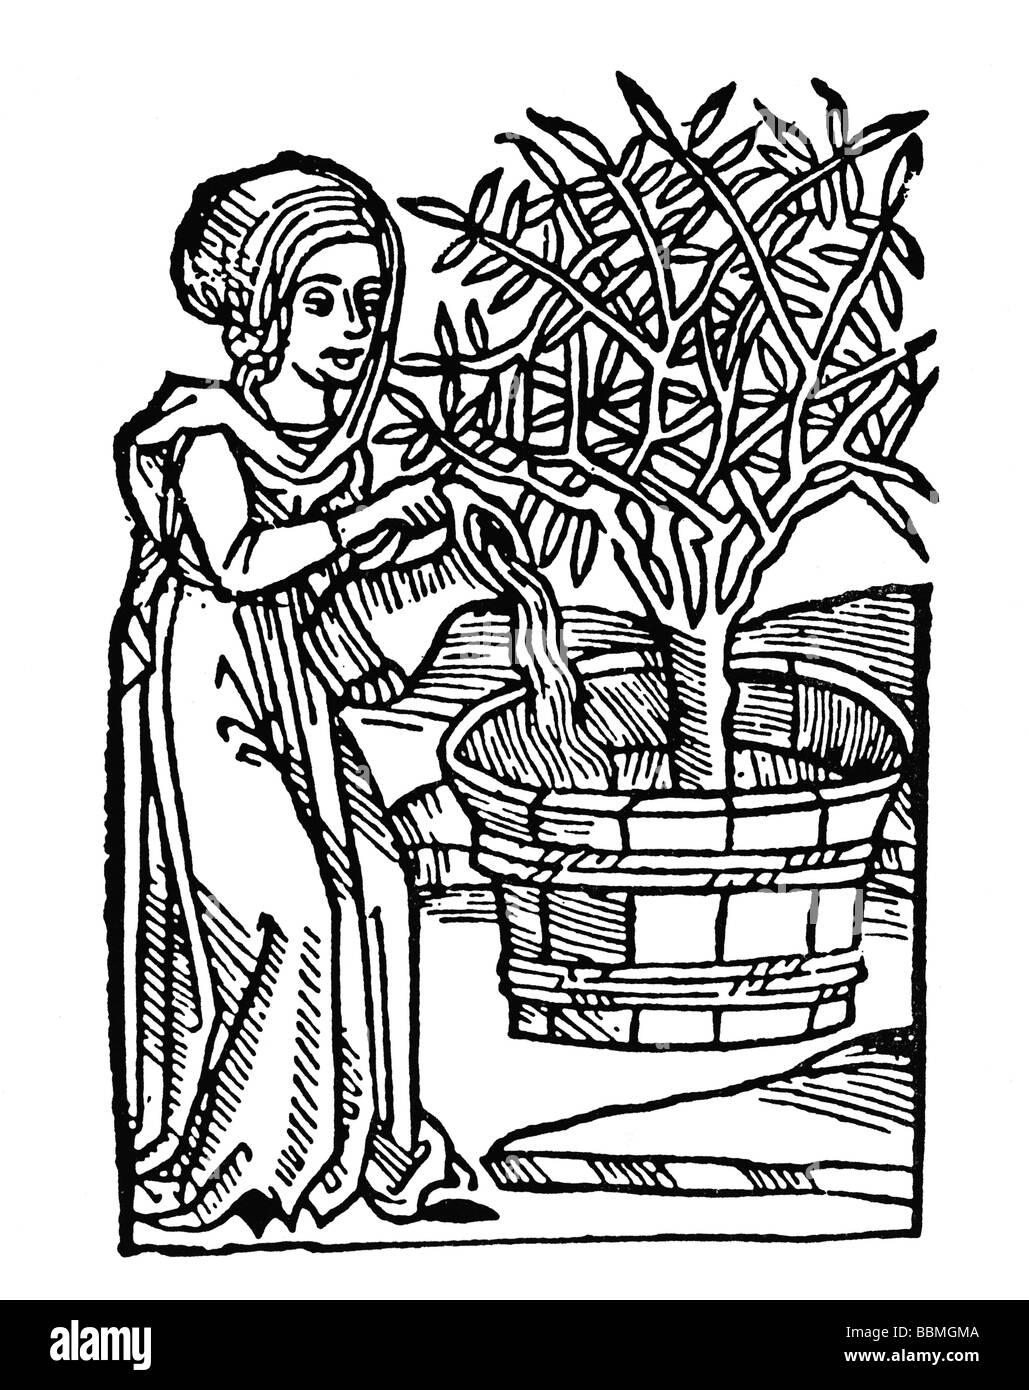 Frau, Bewässerung von einem Baum in einem Holzeimer, Holz schnitzen aus dem Mittelalter Stockfoto